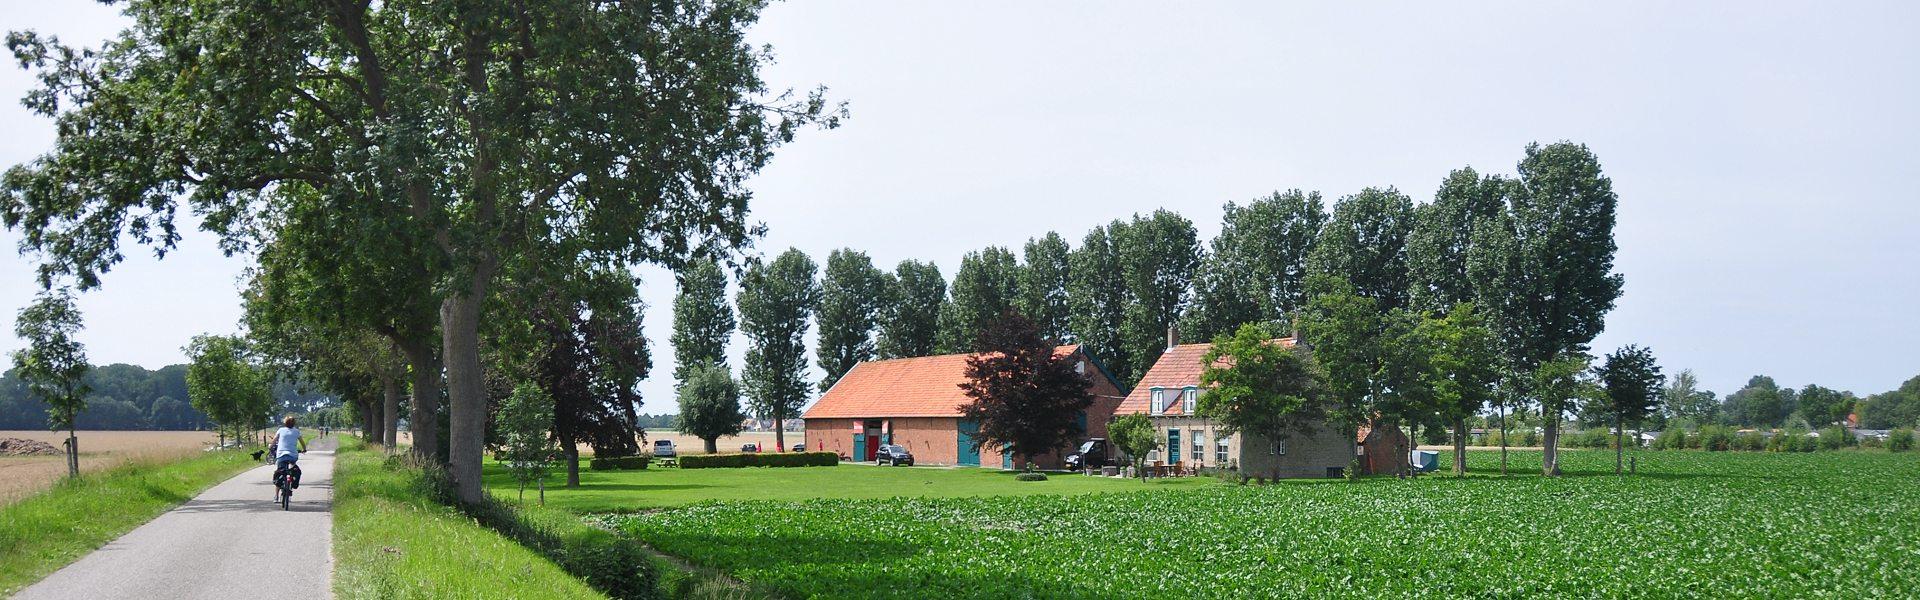 arrangementen Nieuwvliet